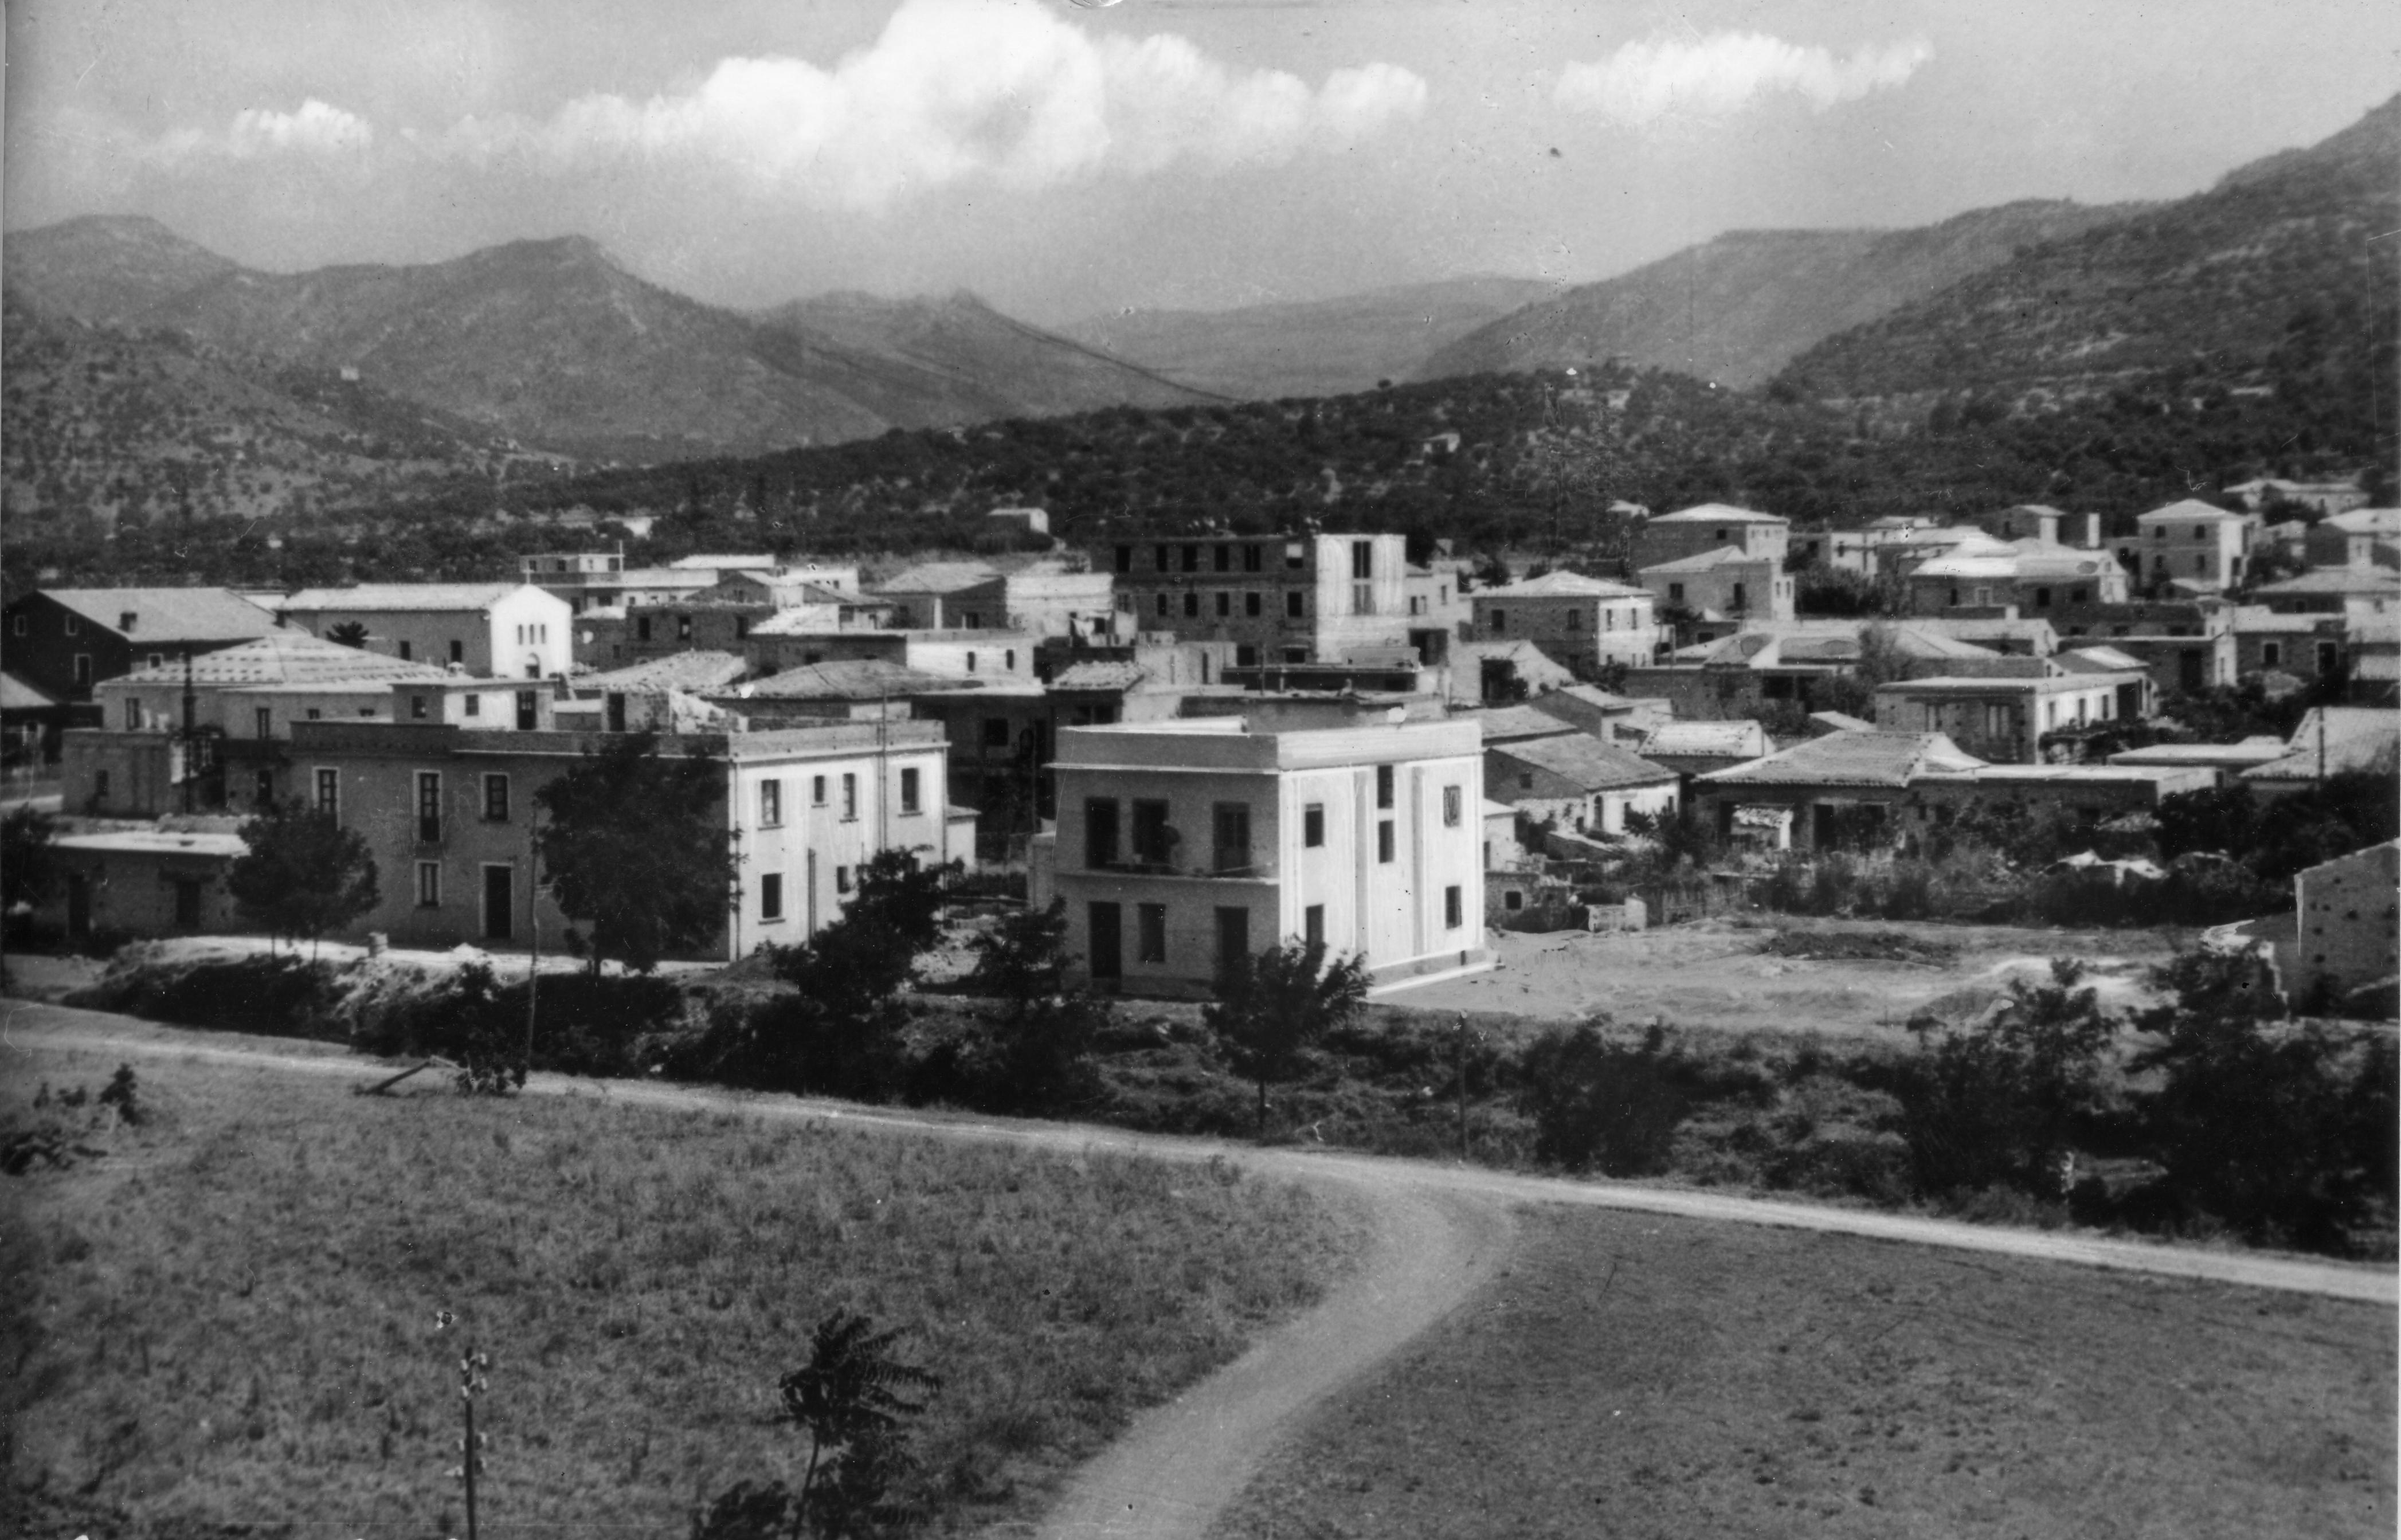 Campora San Giovanni Hotel Marechiaro